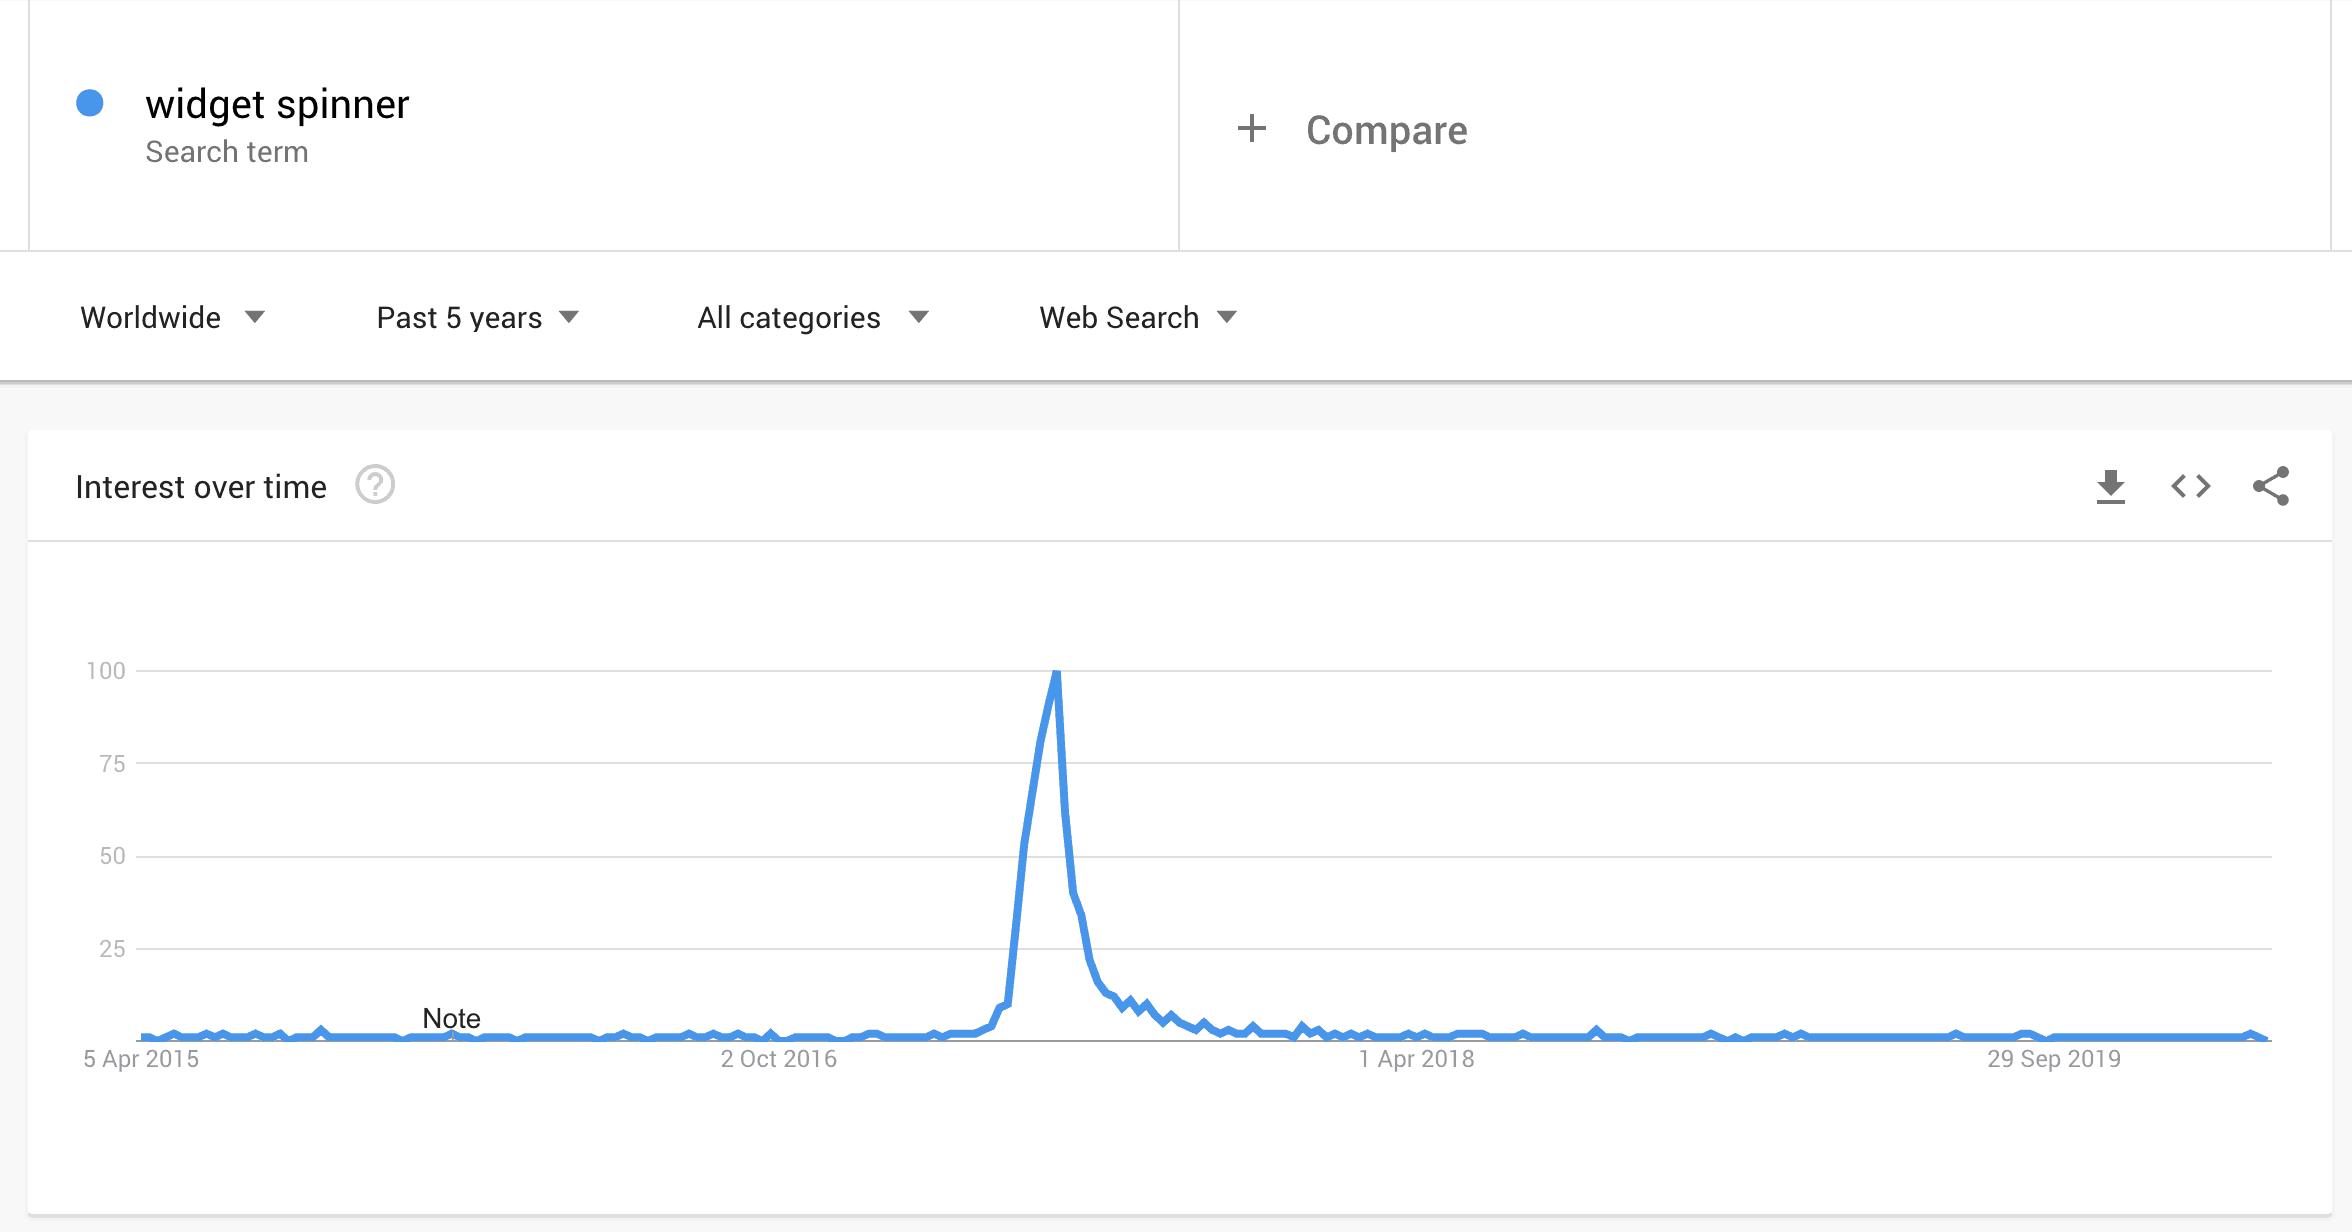 widget spinner google trend last 5 years